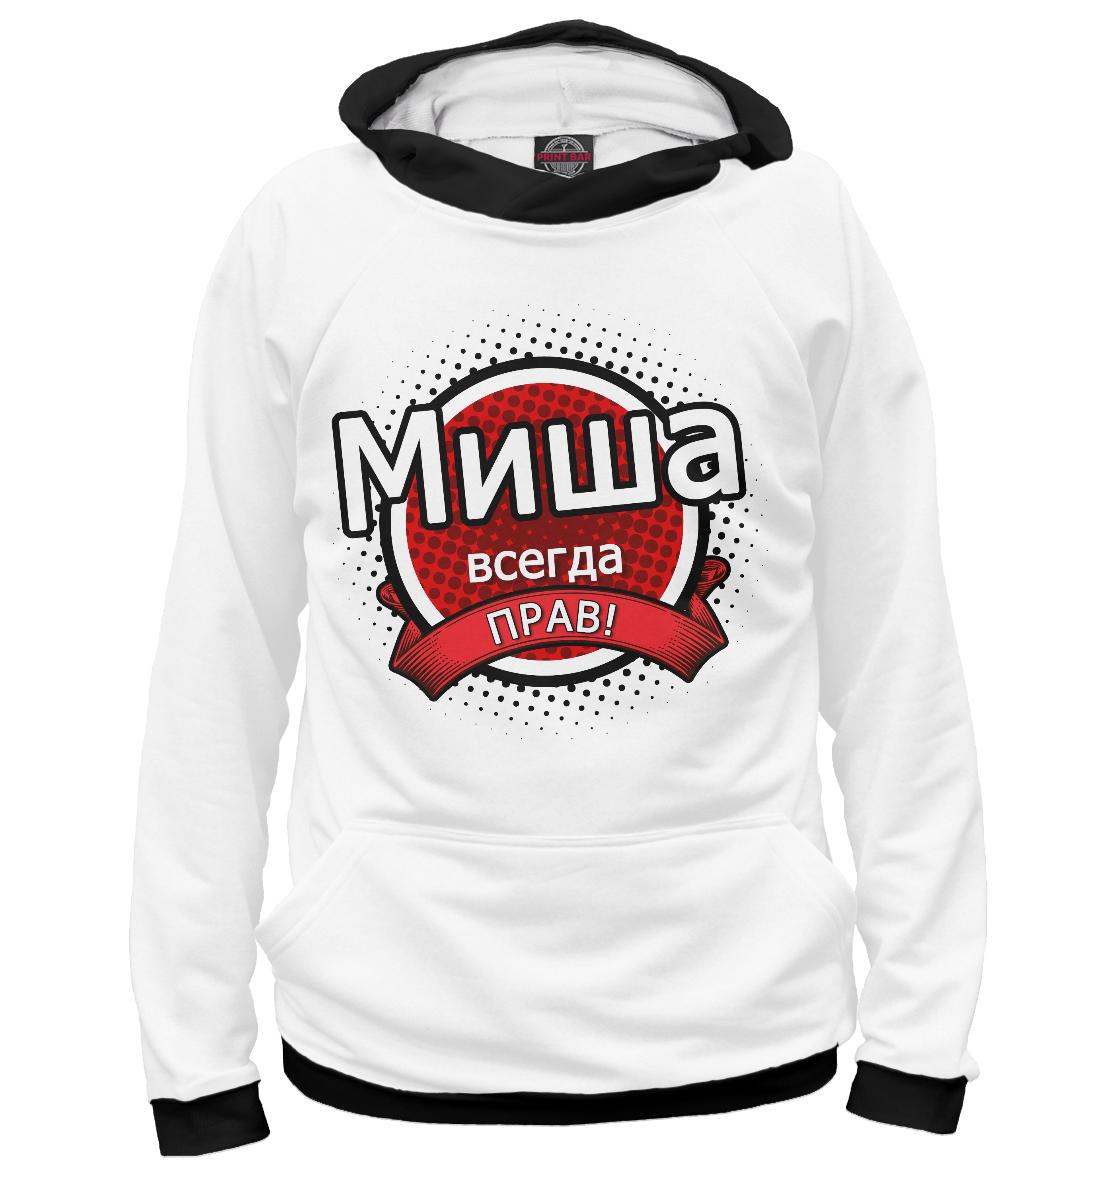 Купить Миша, Printbar, Худи, MCH-856414-hud-2